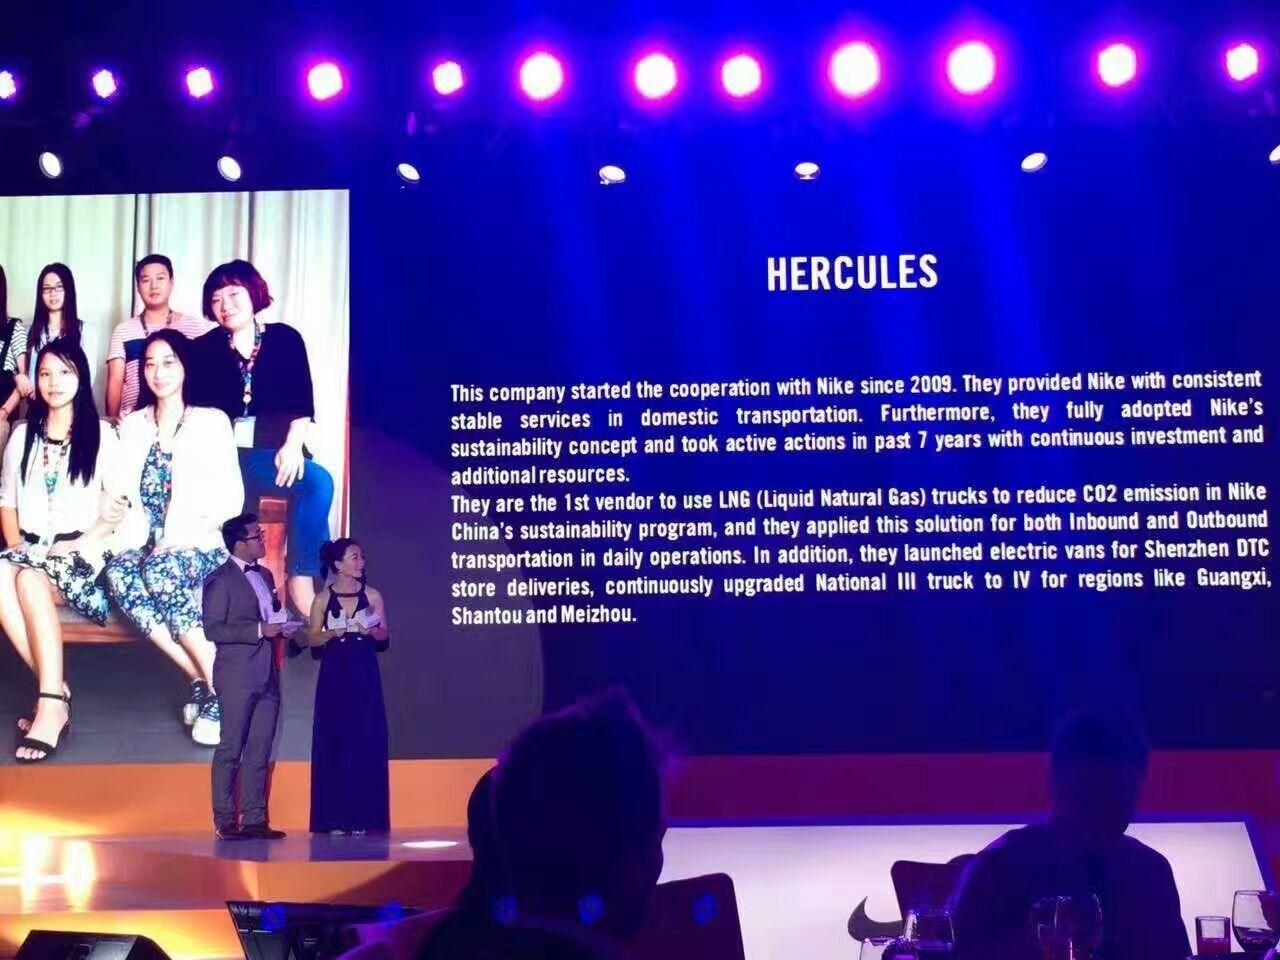 海格物流荣获2016年耐克中国物流杰出供应商称号